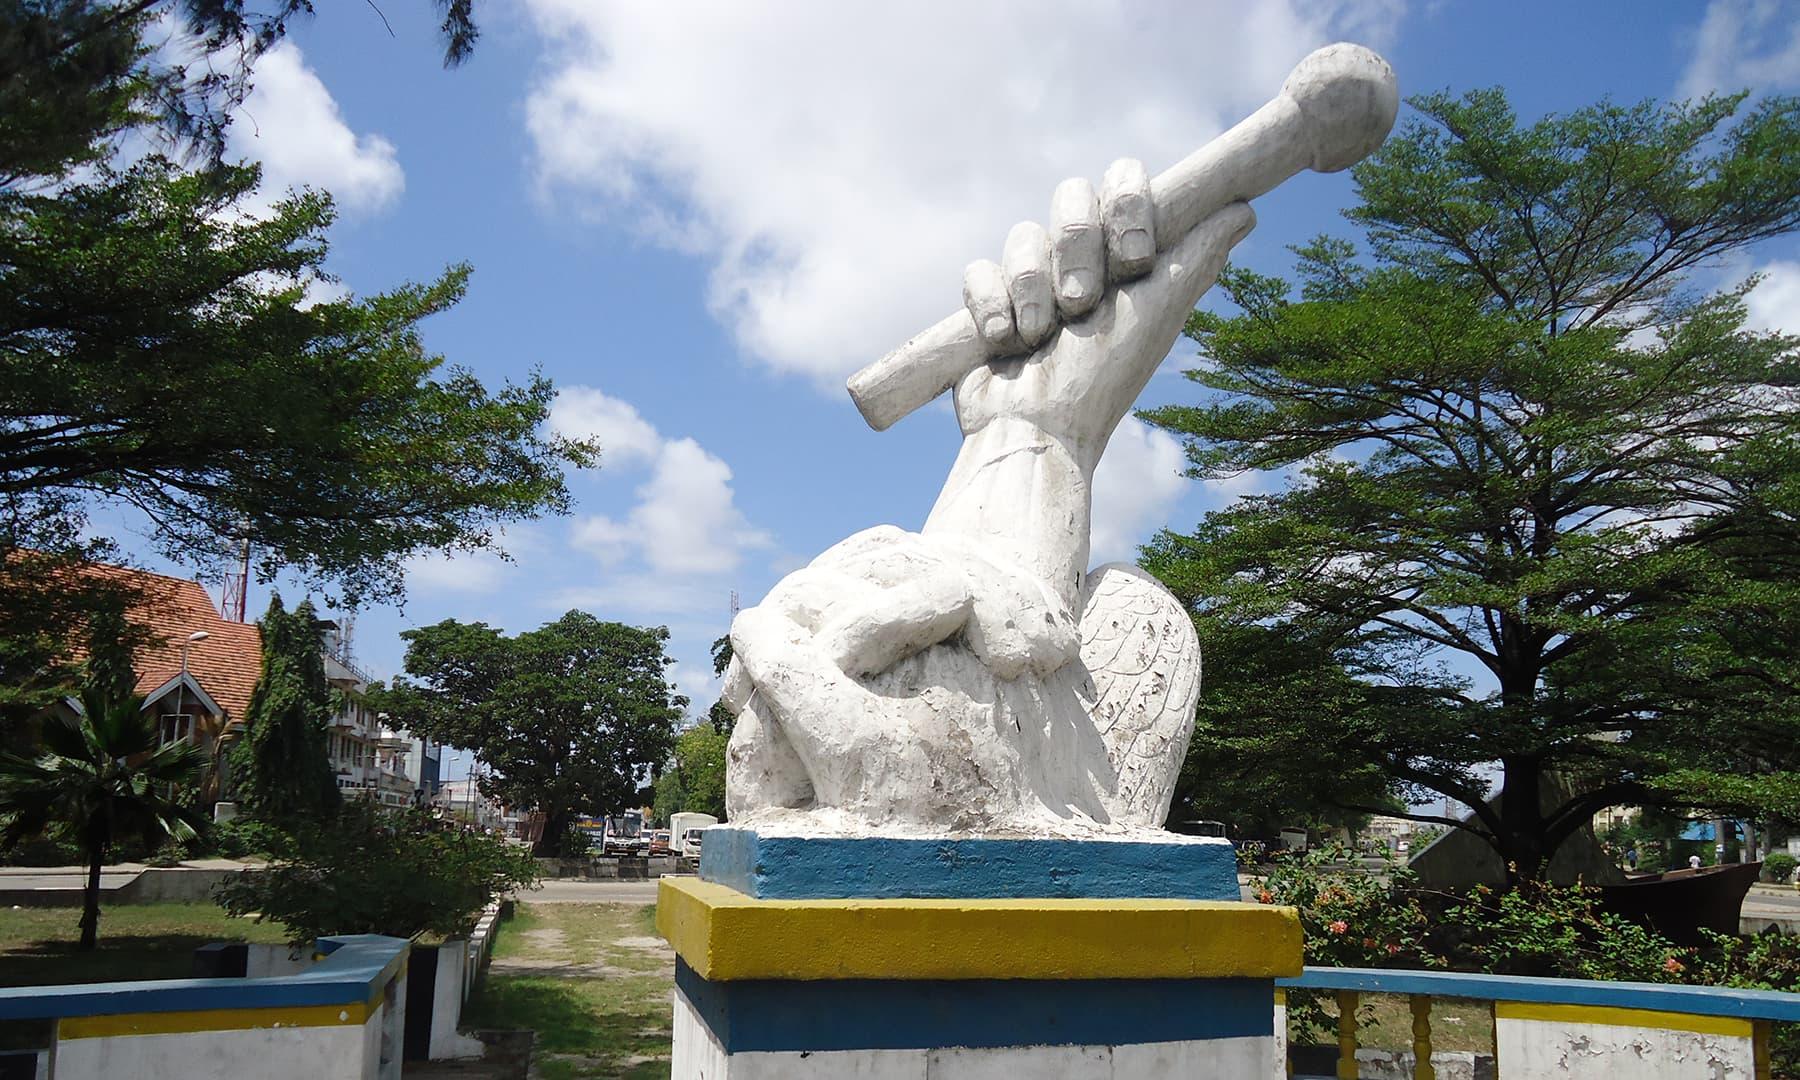 ممباسا کی معروف یادگار— فوٹو عظمت اکبر